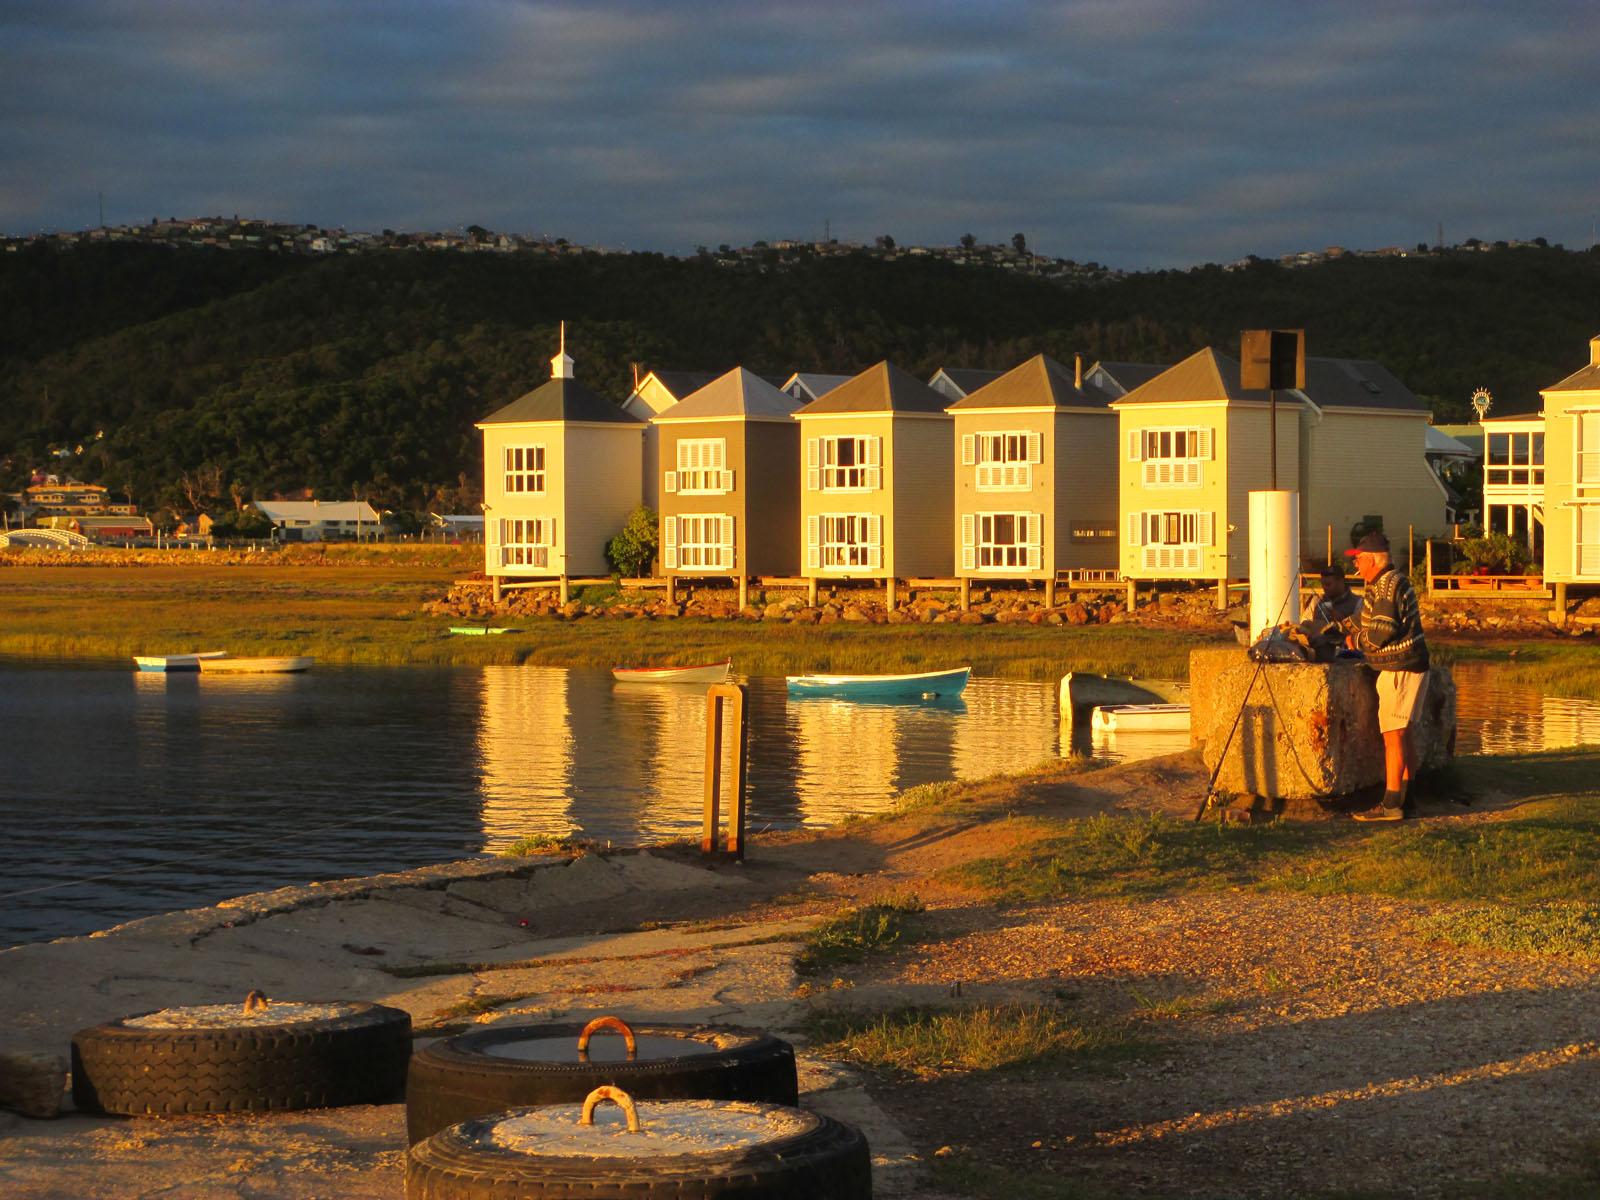 Thesen Island, Knysna